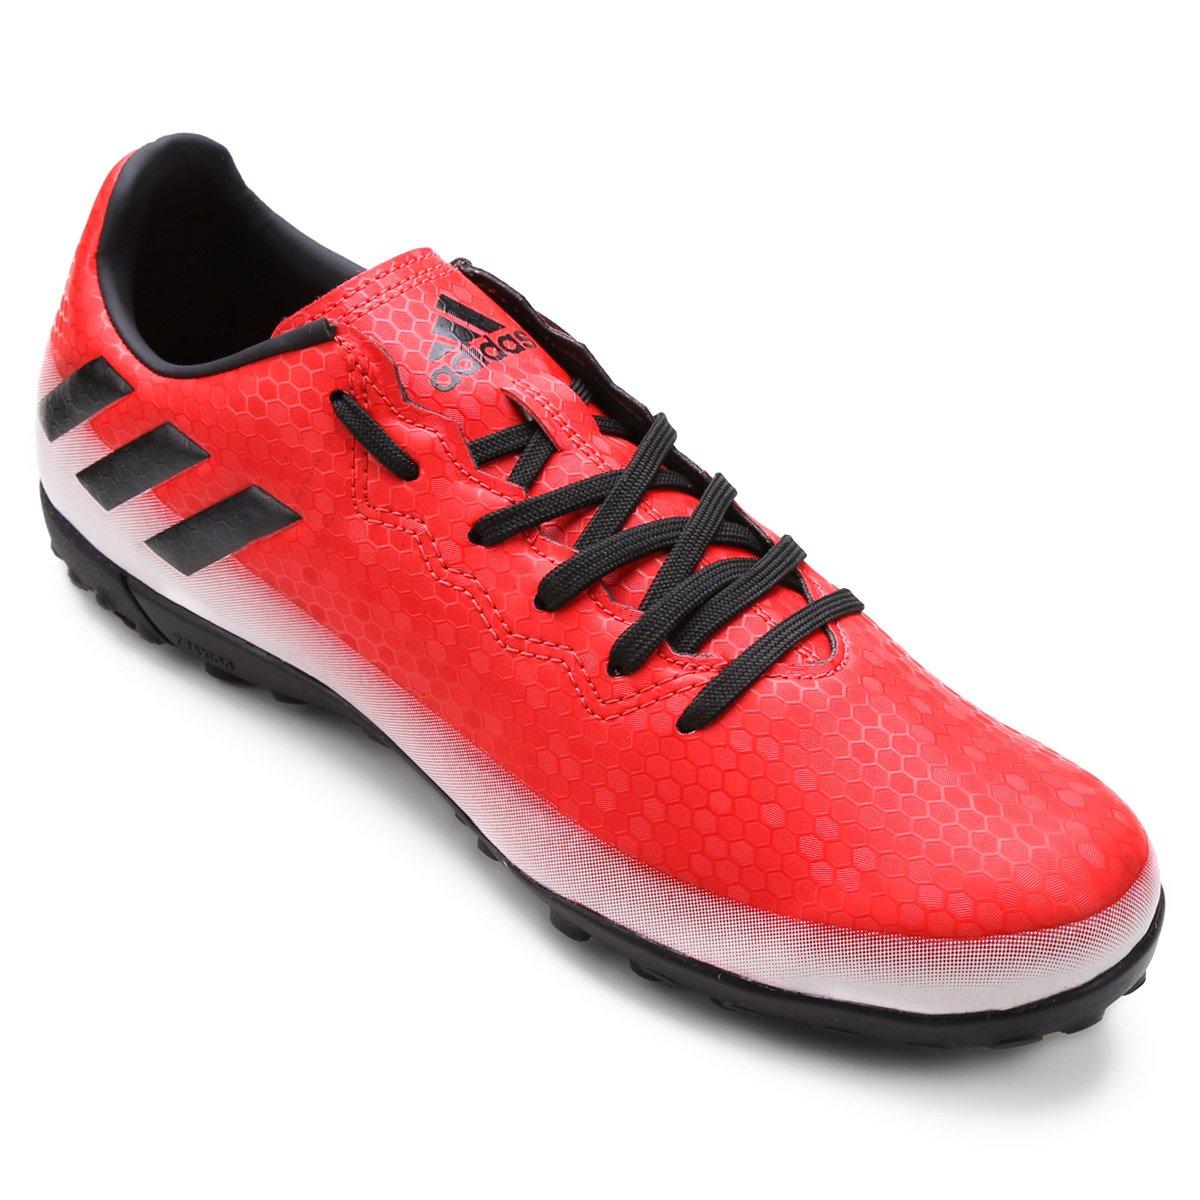 Chuteira Society Adidas Messi 16 4 TF Masculina - Compre Agora ... c90ea1a243c16